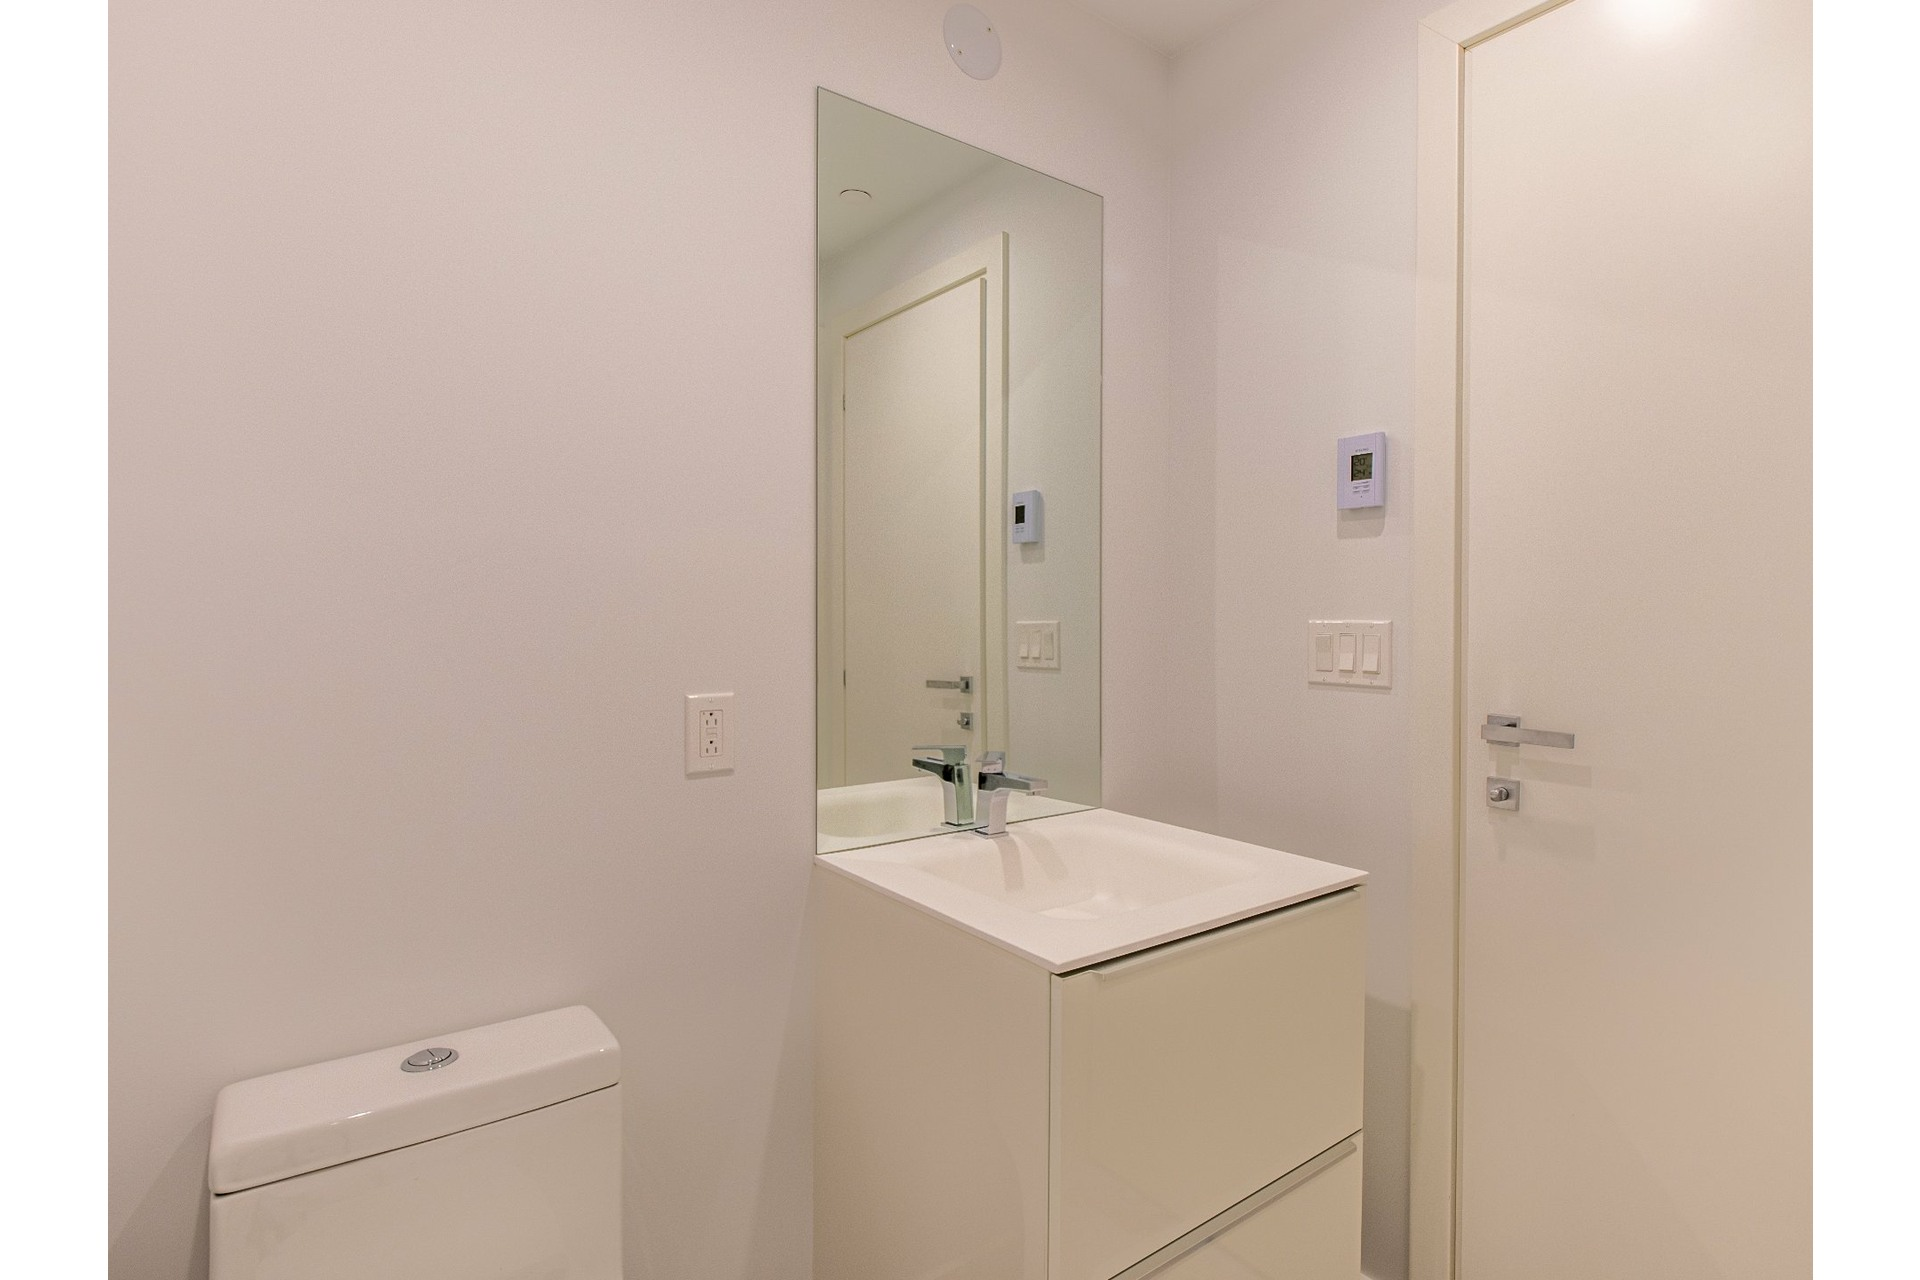 image 6 - Appartement À vendre Ville-Marie Montréal  - 3 pièces